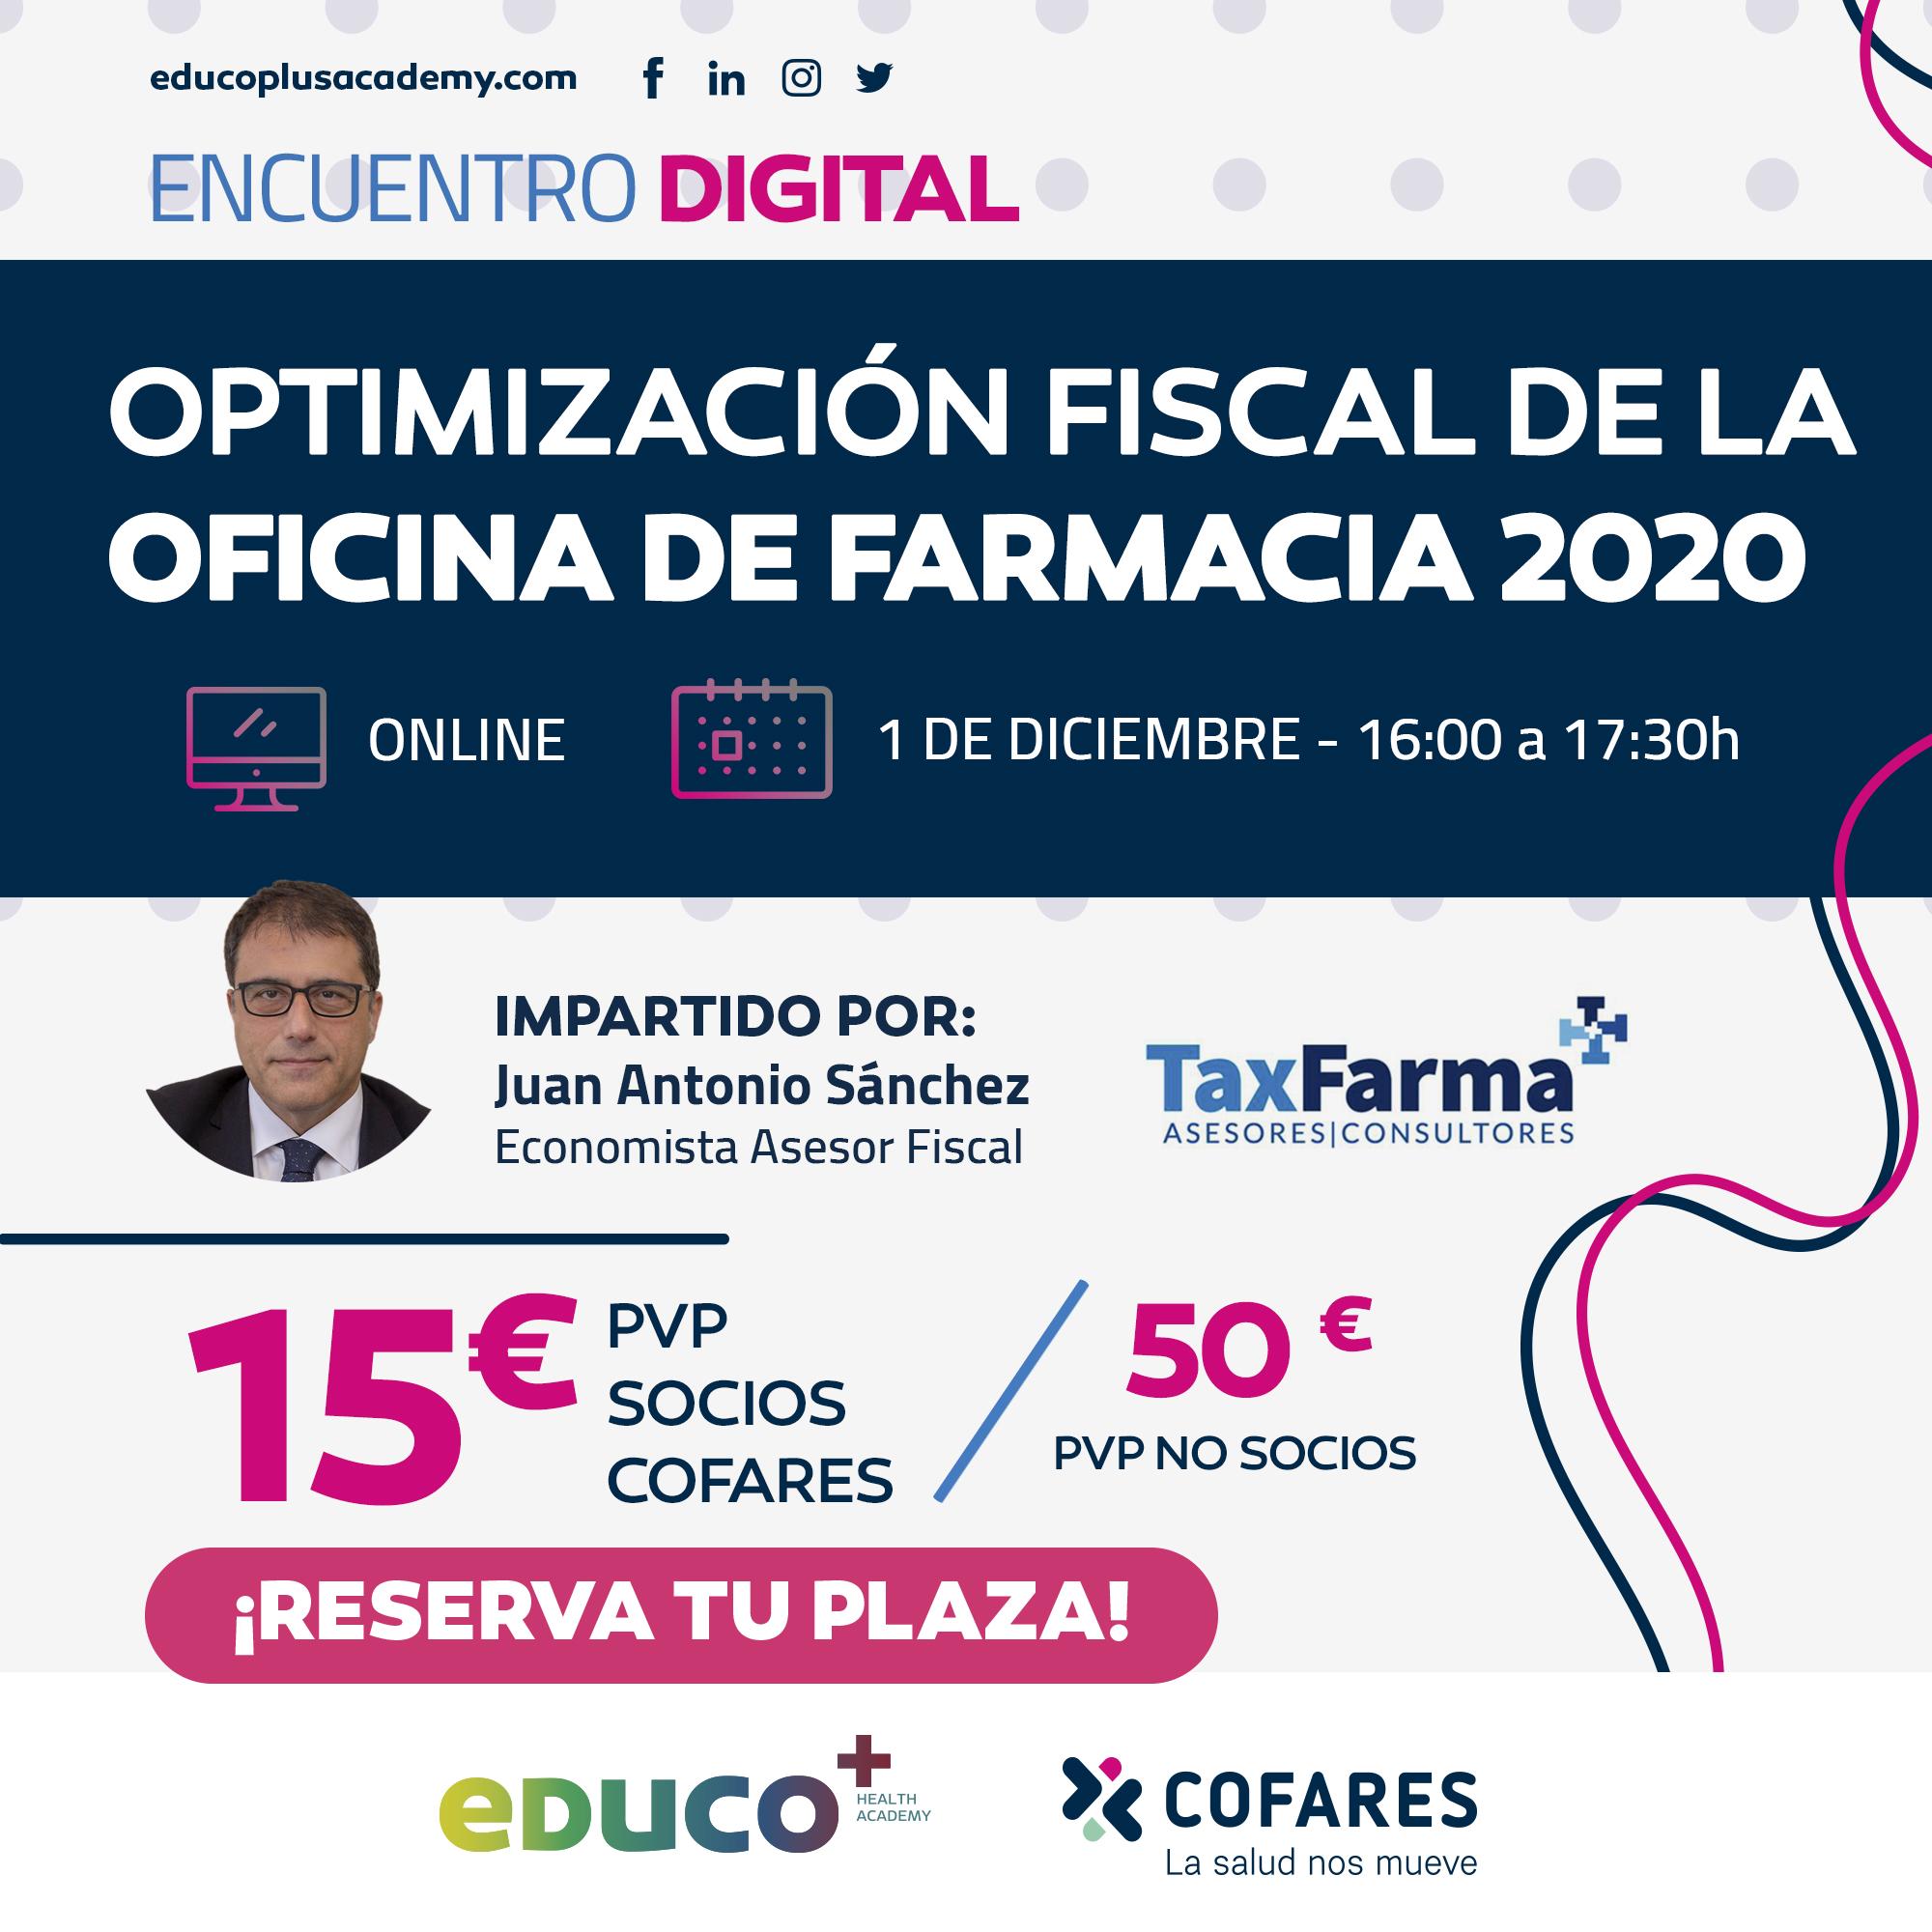 Optimizacion Fiscal 1 Diciembre Insta Whatsp - Nuevos cursos para farmacéuticos de eDuco+ en diciembre